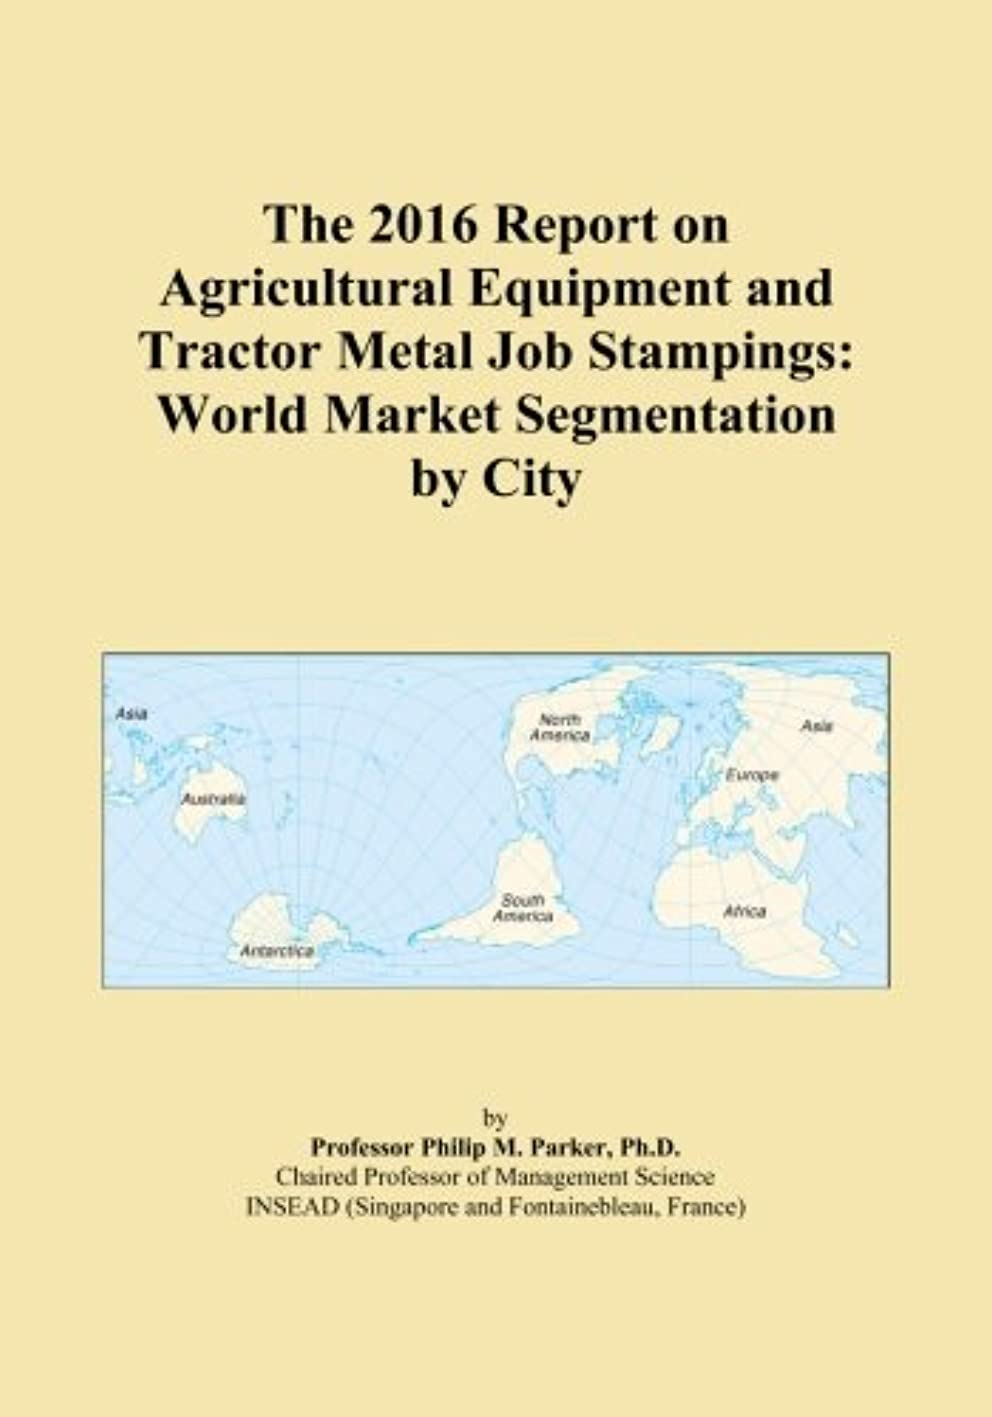 国籍説教パイプラインThe 2016 Report on Agricultural Equipment and Tractor Metal Job Stampings: World Market Segmentation by City